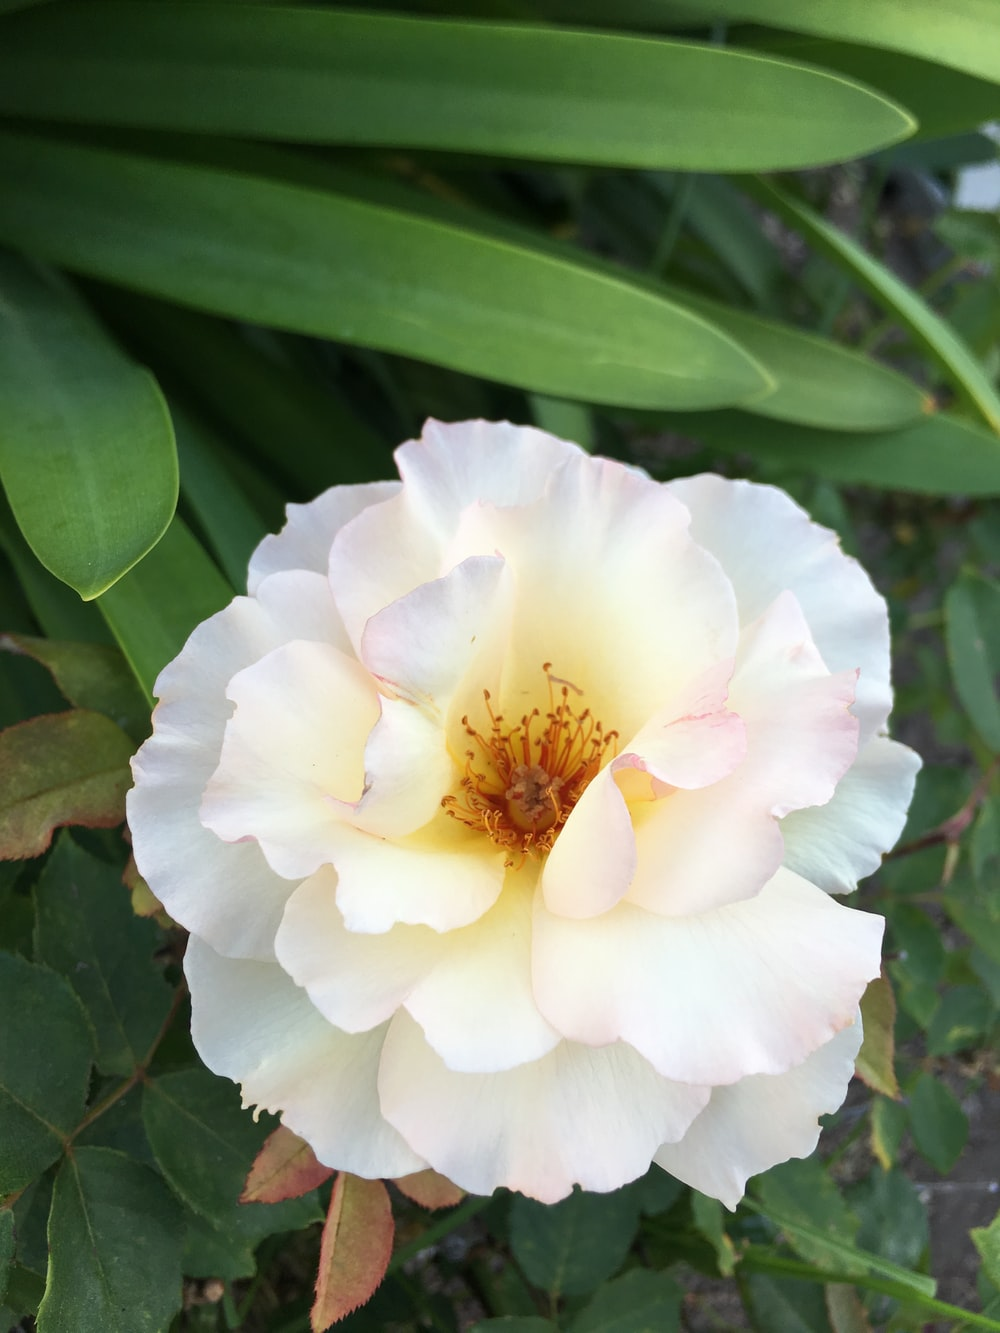 1 white petaled flower